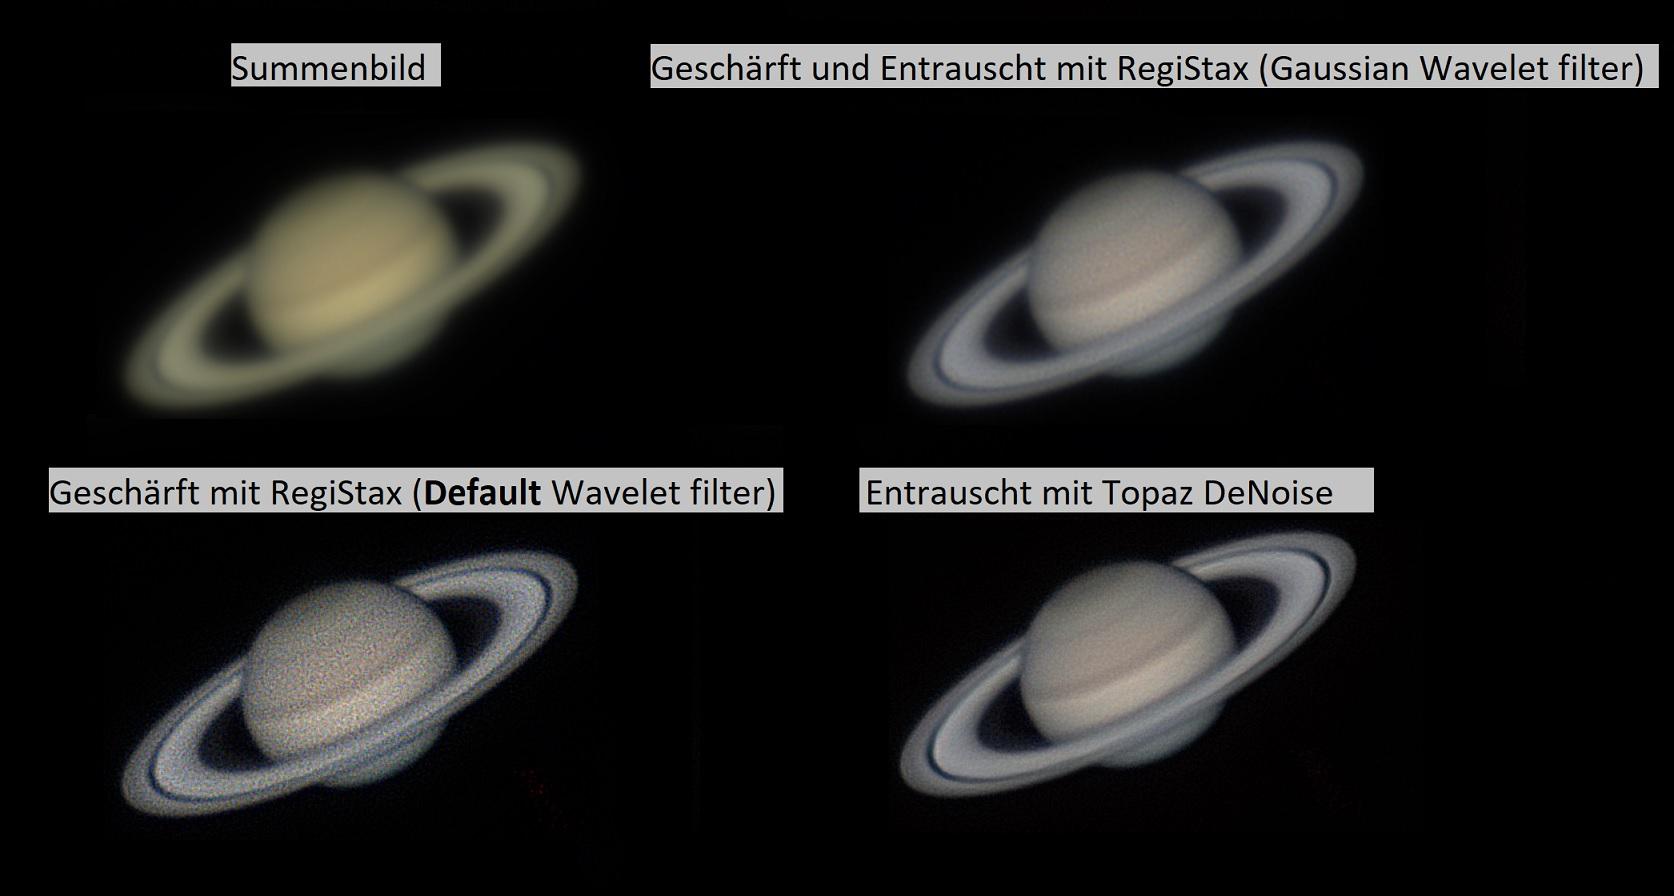 Saturn_Denoise_Vergleich